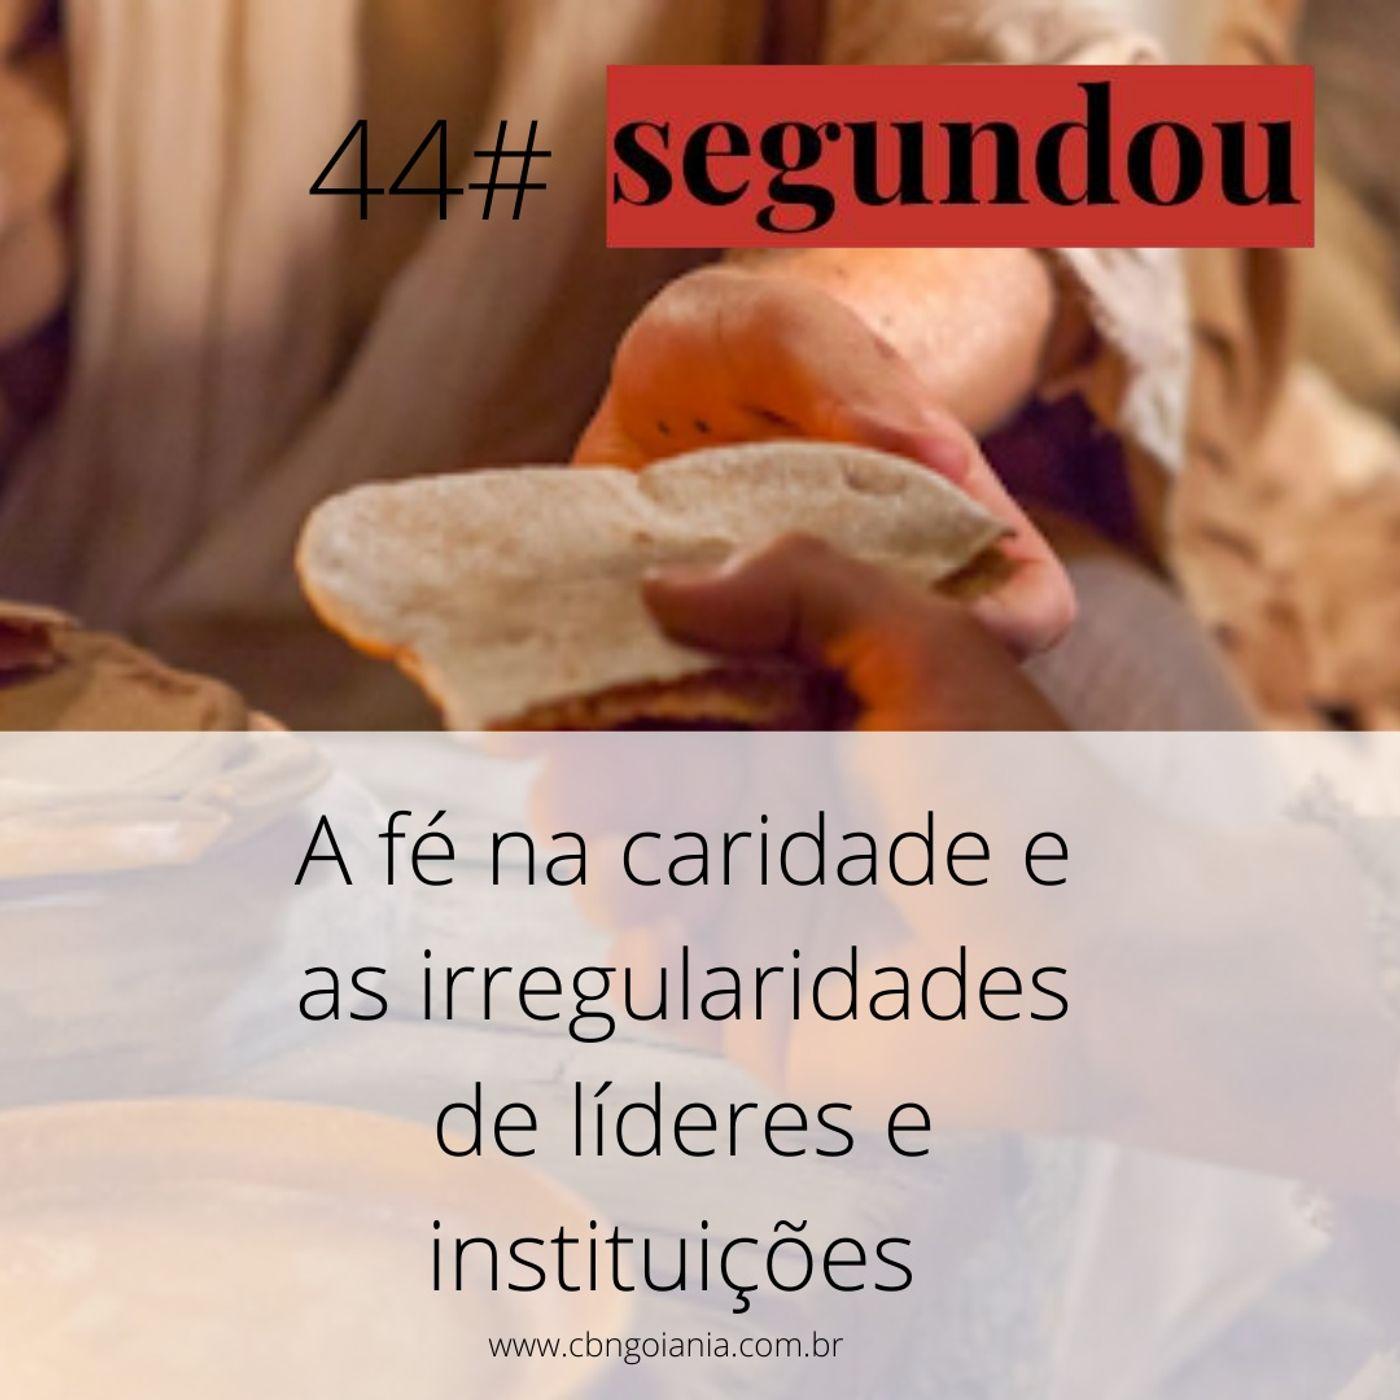 Segundou #44 - A fé na caridade e as irregularidades de líderes e instituições